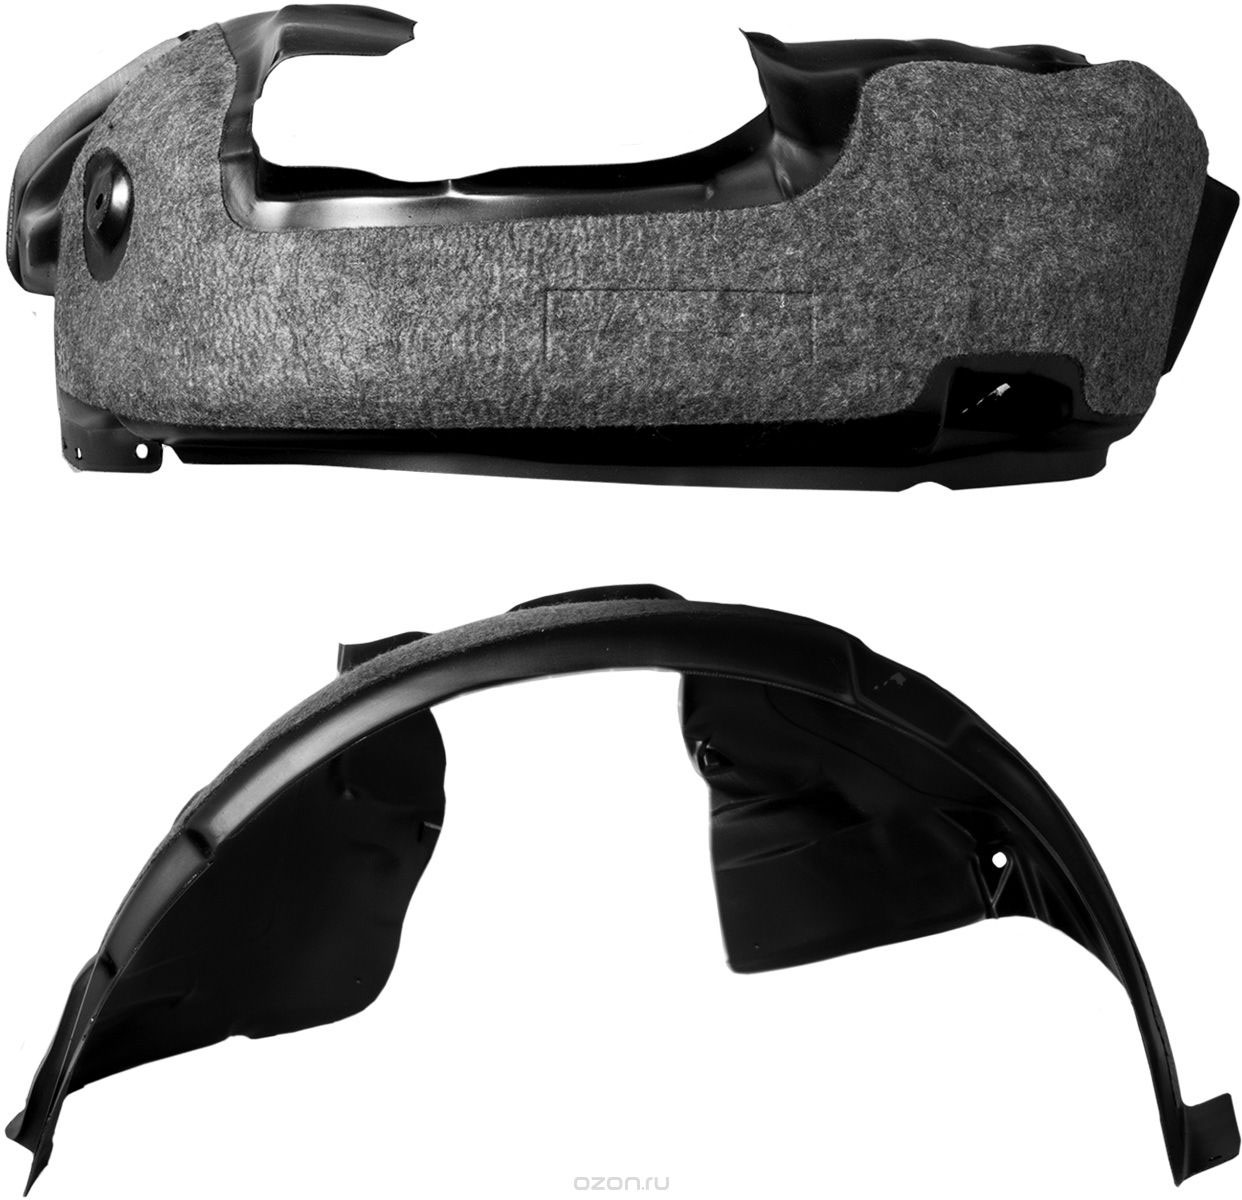 Подкрылок Novline-Autofamily, с шумоизоляцией, для LIFAN Solano, 2016->, седан, передний левыйNLS.73.11.001Идеальная защита колесной ниши. Локеры разработаны с применением цифровых технологий, гарантируют максимальную повторяемость поверхности арки. Изделия устанавливаются без нарушения лакокрасочного покрытия автомобиля, каждый подкрылок комплектуется крепежом. Уважаемые клиенты, обращаем ваше внимание, что фотографии на подкрылки универсальные и не отражают реальную форму изделия. При этом само изделие идет точно под размер указанного автомобиля.